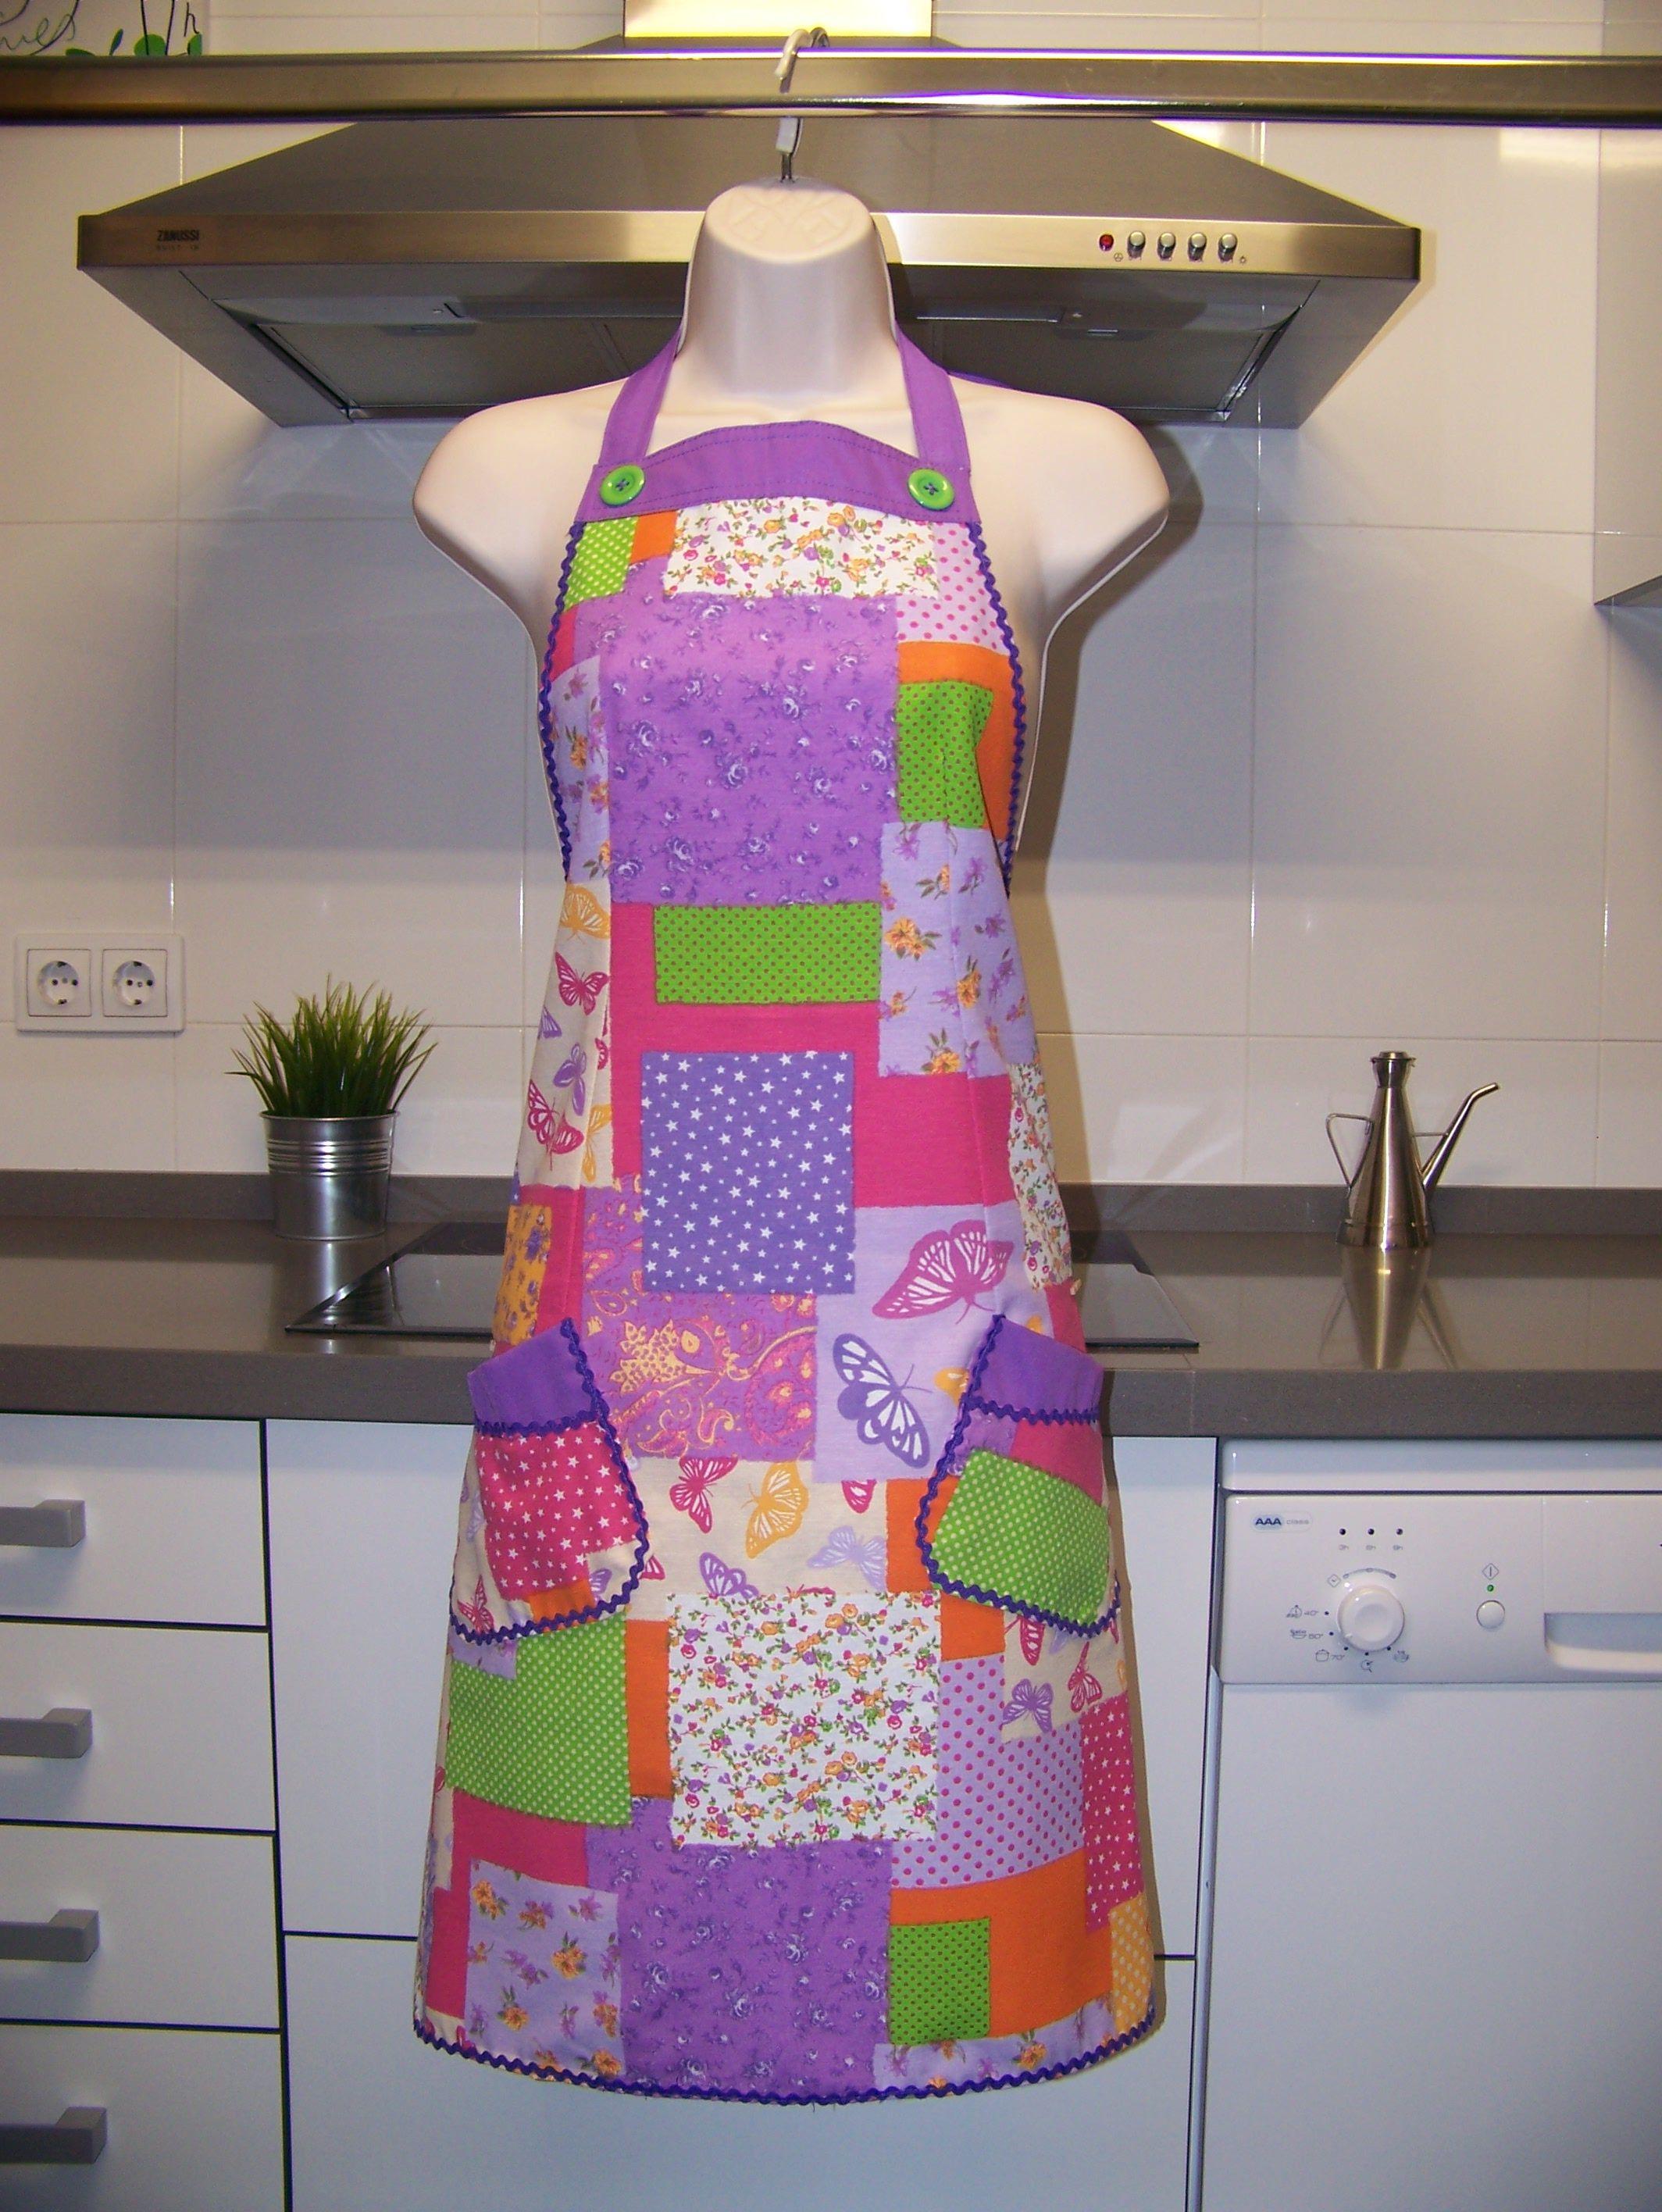 Delantales de dise o para mujer artesanos varios colores - Colores para una cocina ...